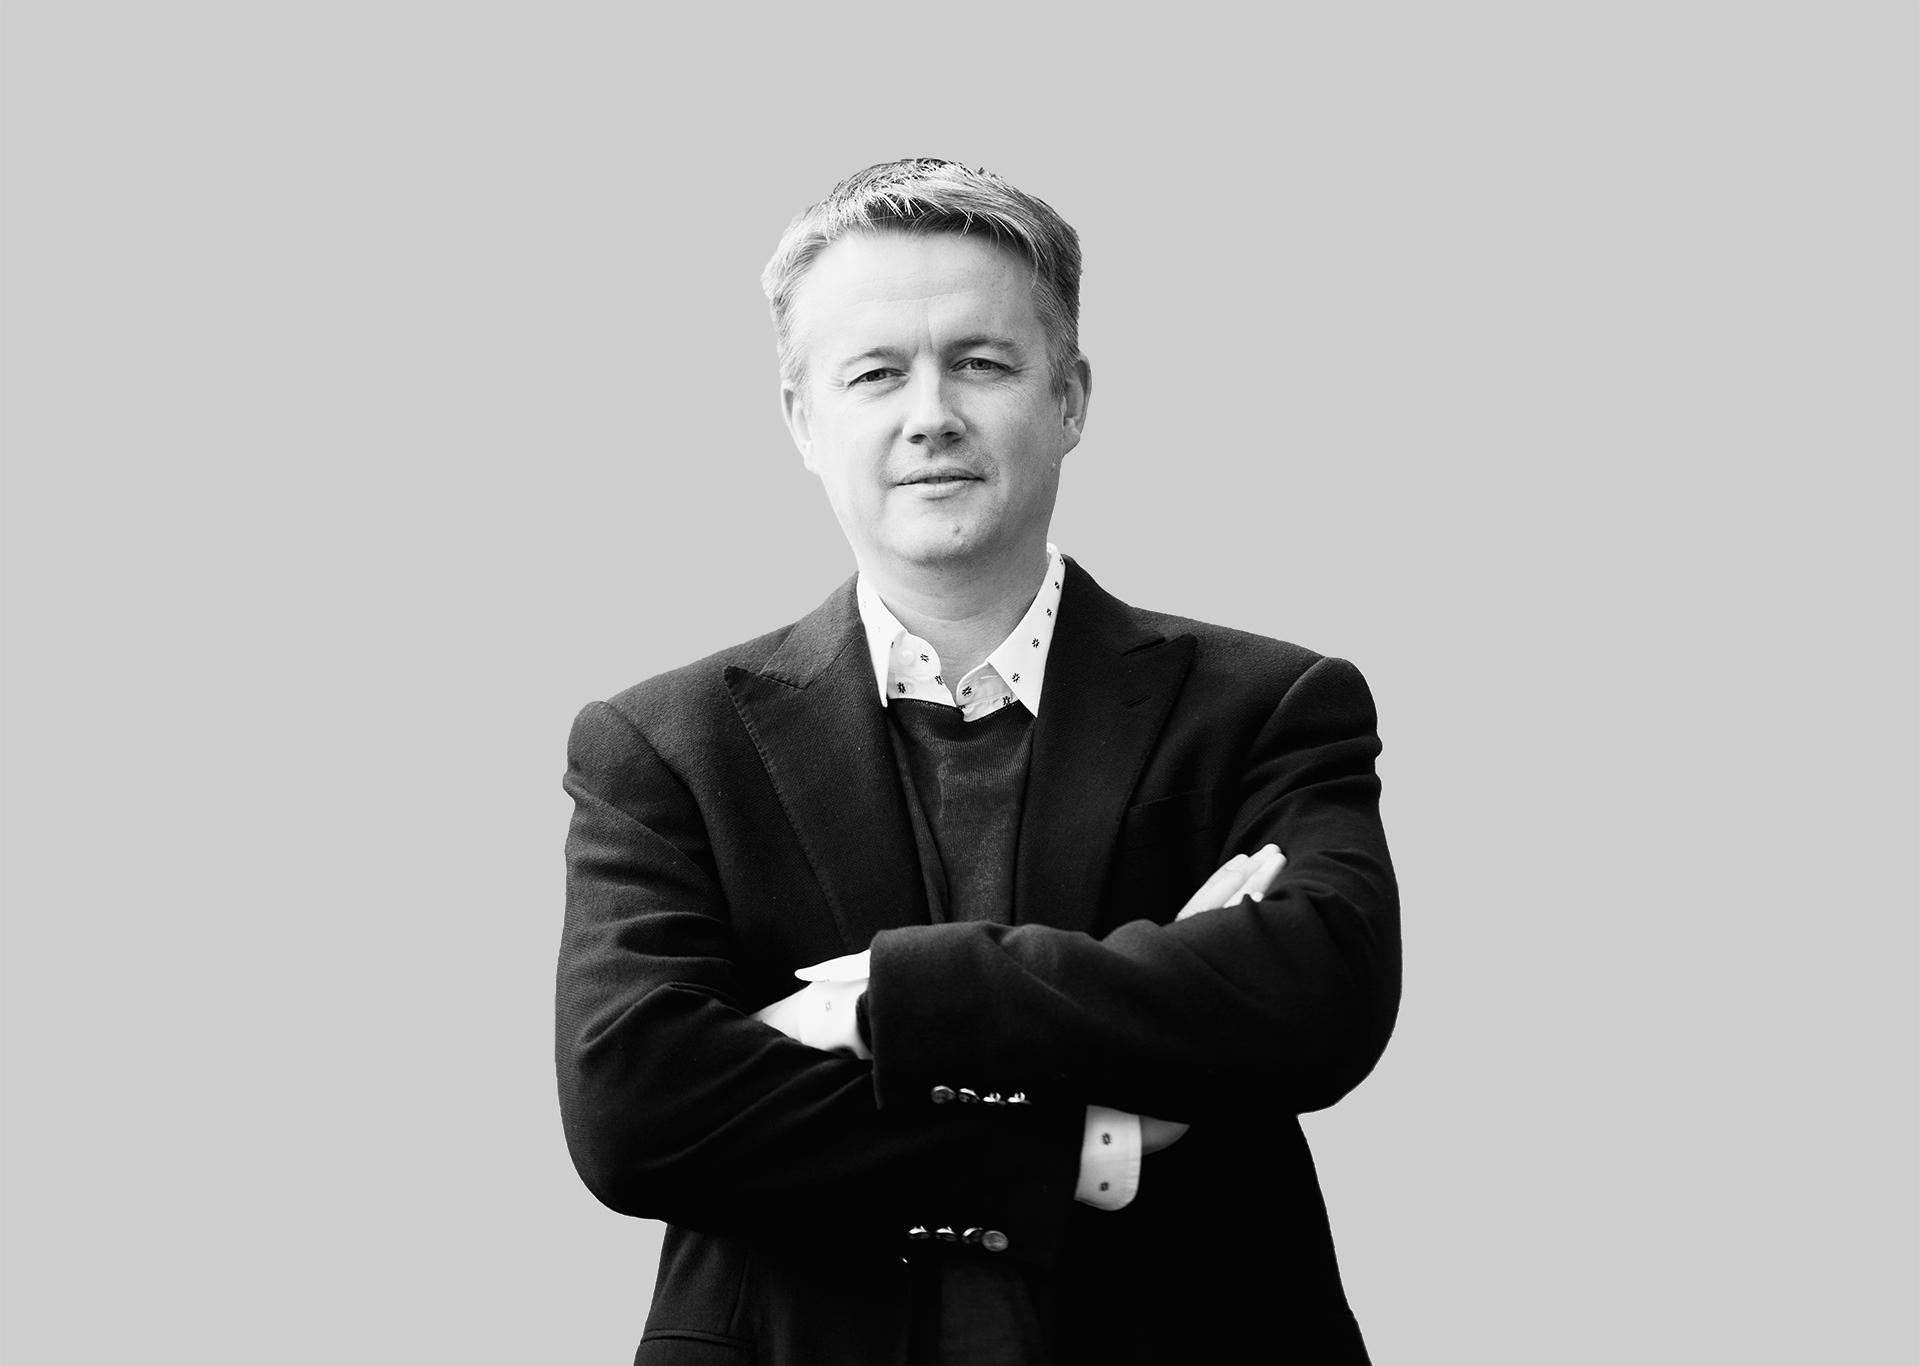 ЭКЗИСТЕНЦИАЛЬНЫЕ РИСКИ И ГЛОБАЛЬНОЕ УПРАВЛЕНИЕ: интервью с инвестором и филантропом Яаном Таллинном (Часть IV)